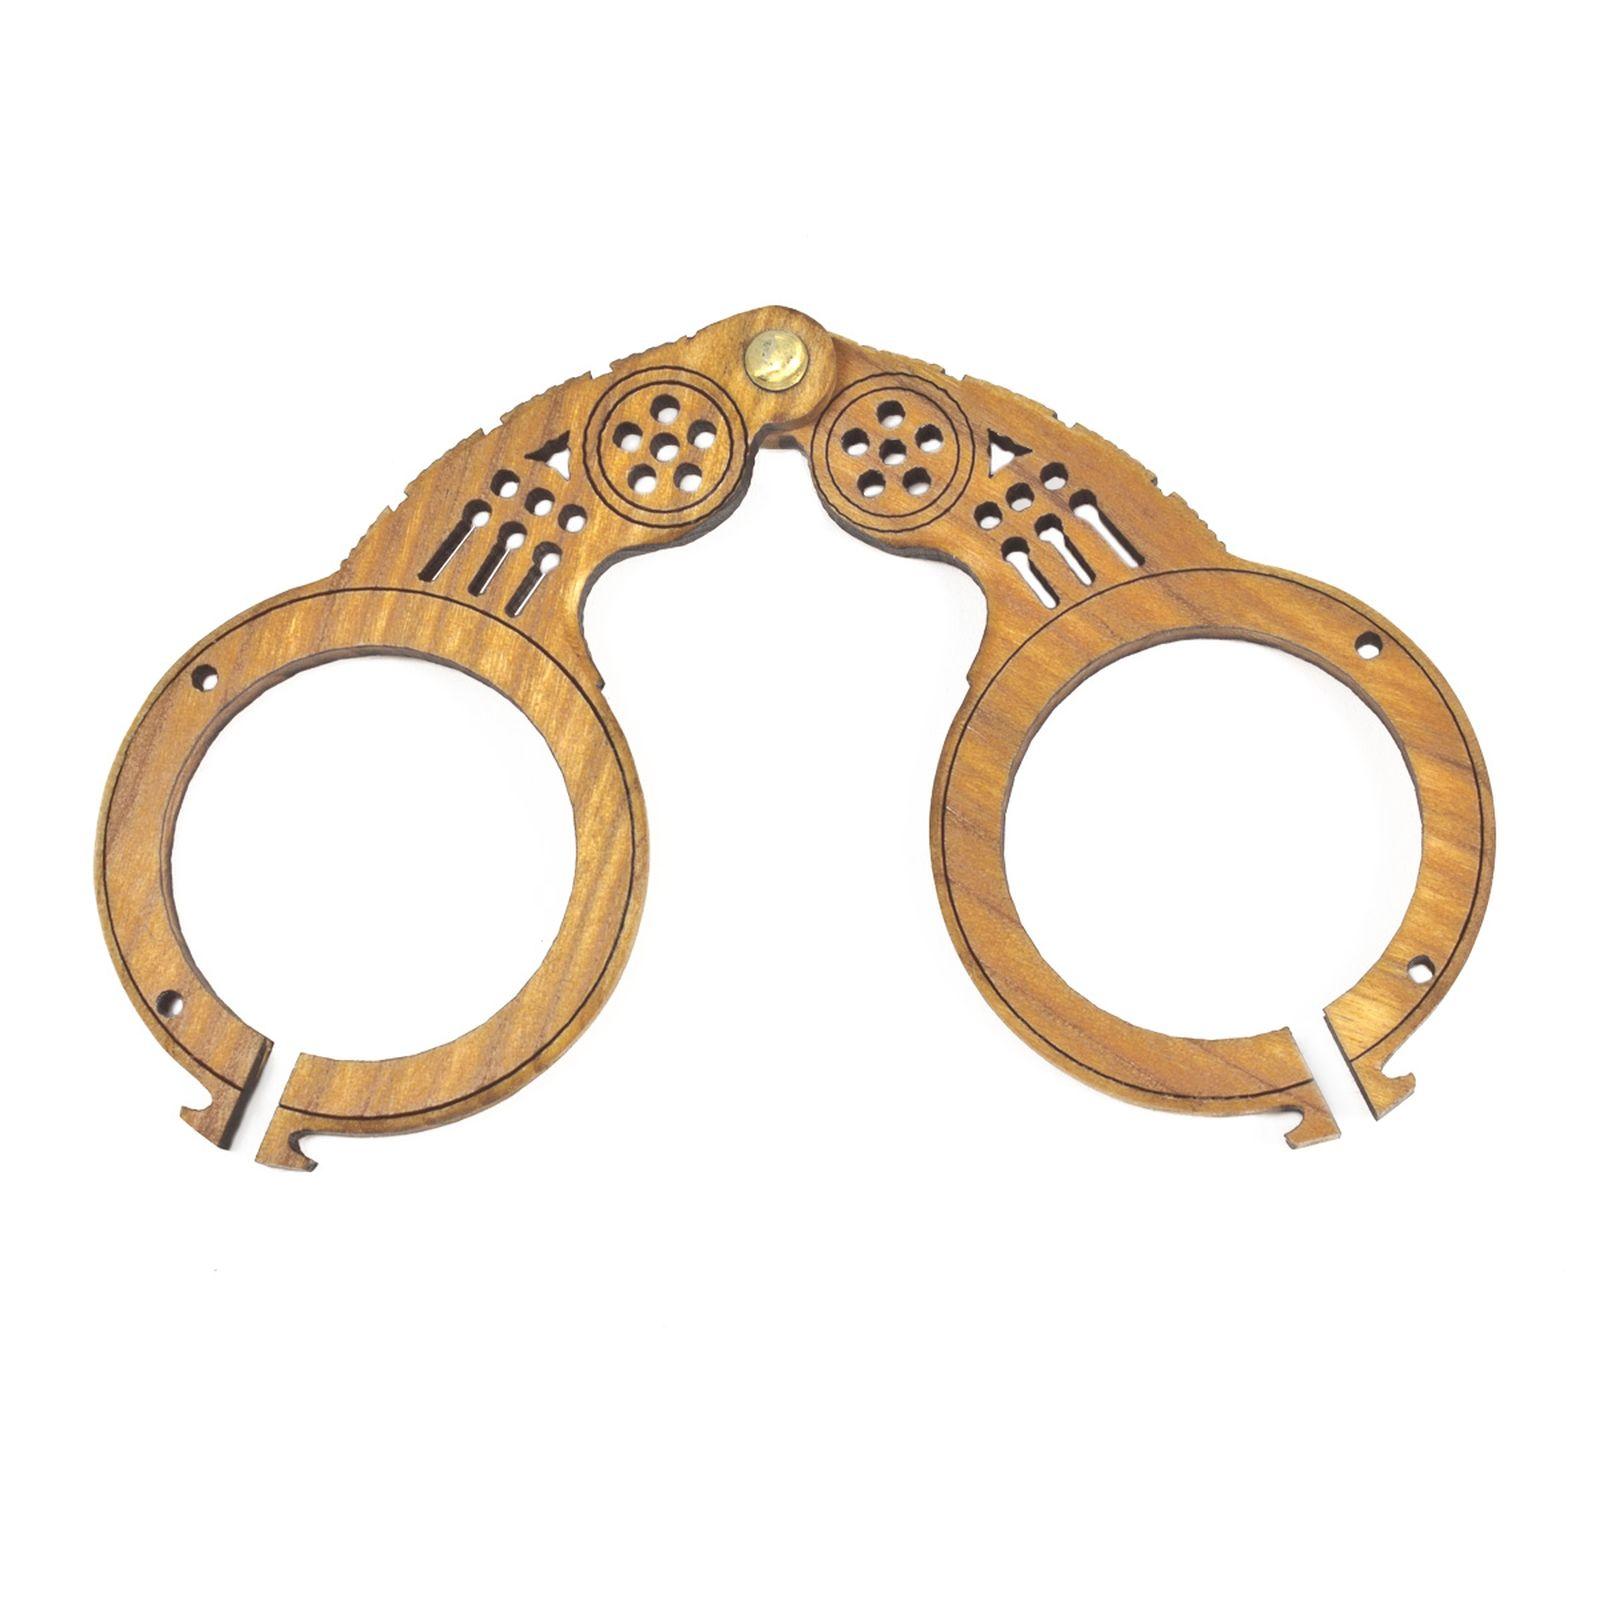 silmälasit eli kakkulat eli rillit myöhäiskeskiajalta, puukehykset (ei linssejä)